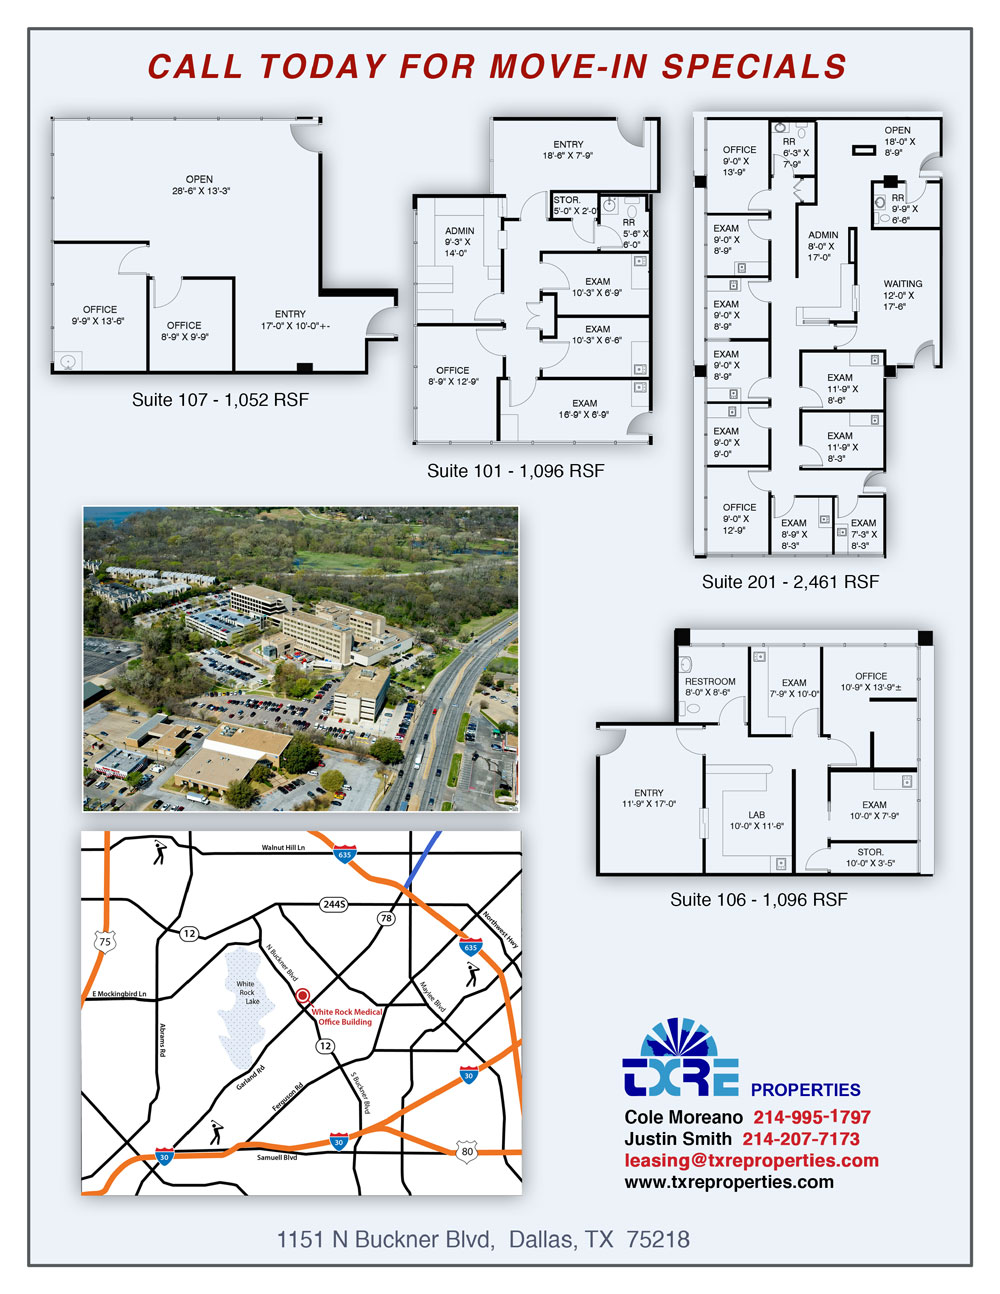 One Mockingbird Plaza office suite floor plan